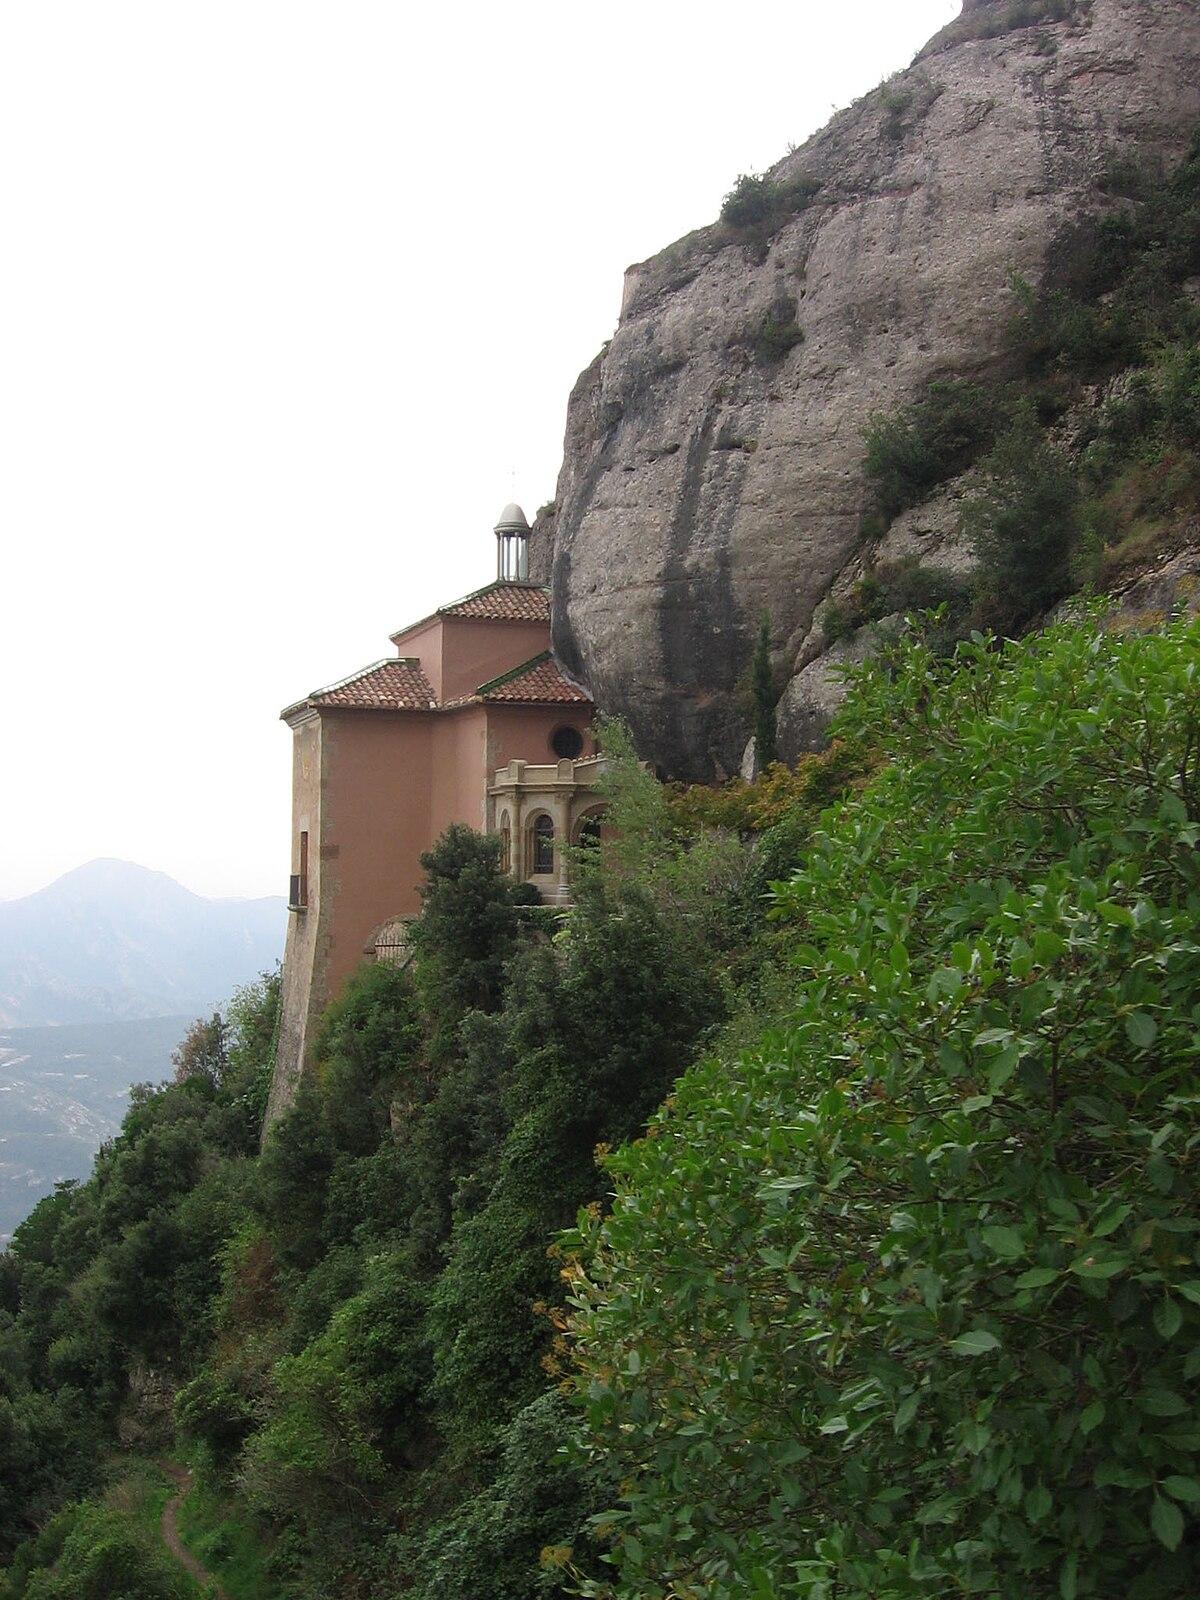 Santa Cueva de Montserrat - Wikipedia, la enciclopedia libre